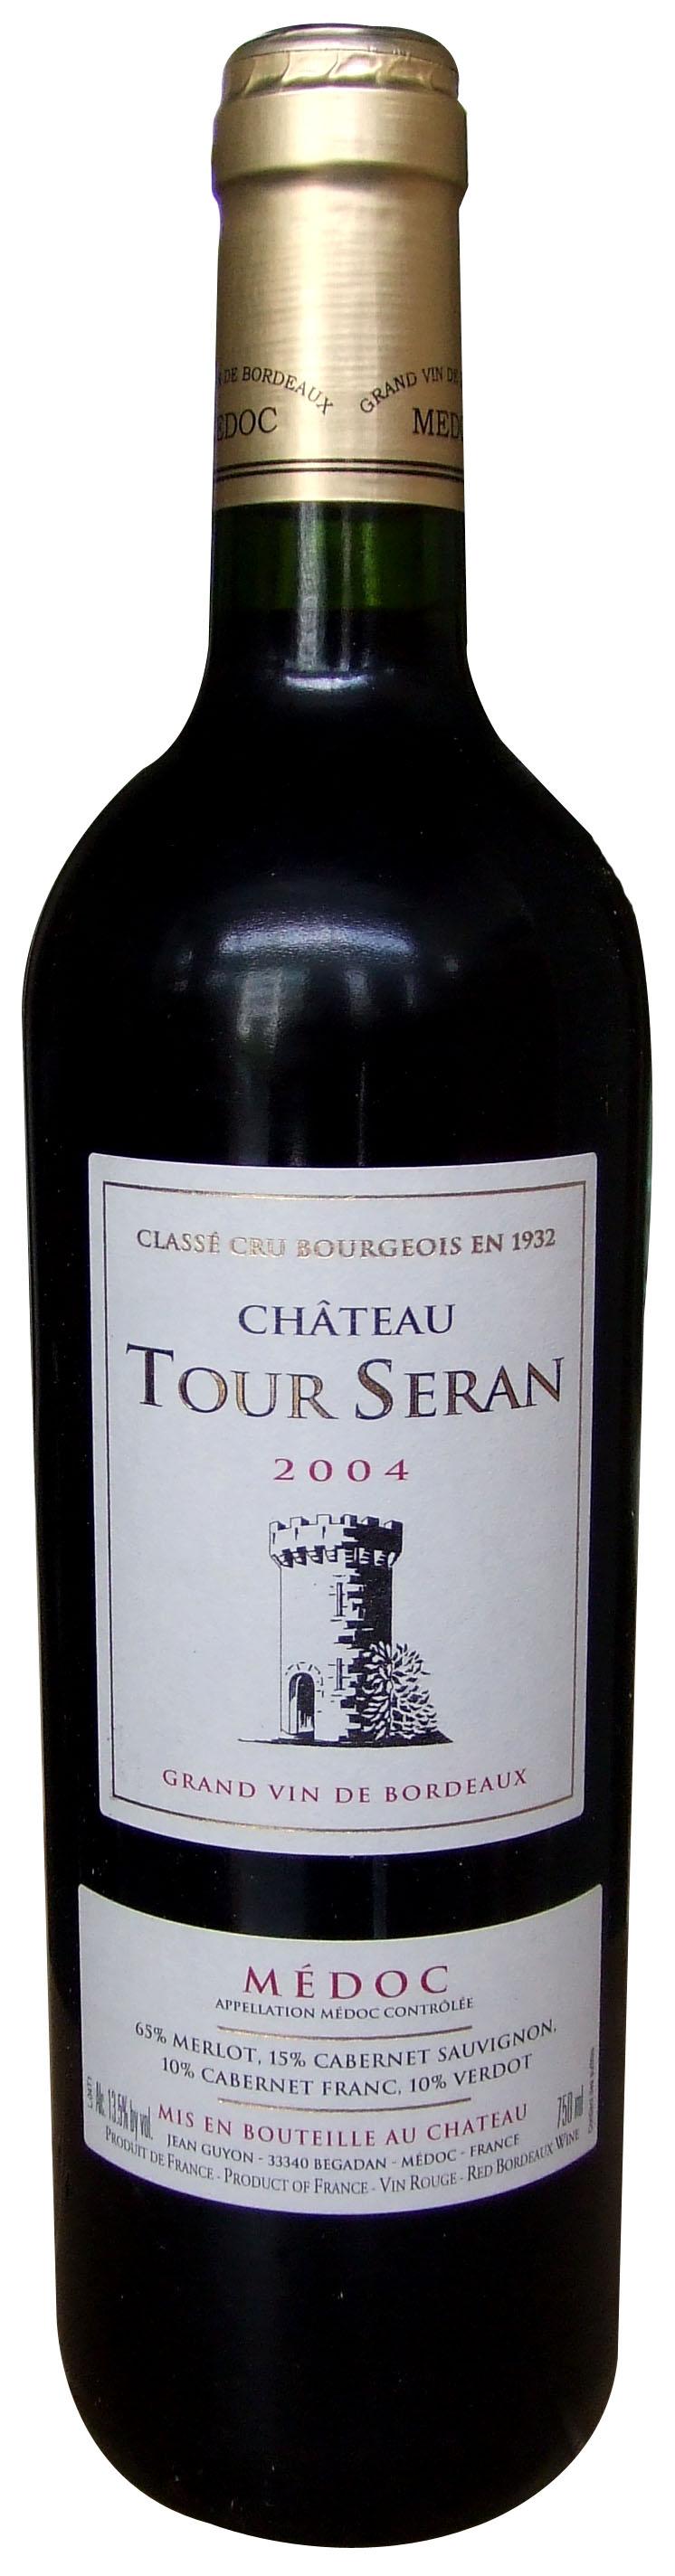 Tour Seran(Rollan de By) 2004.jpg